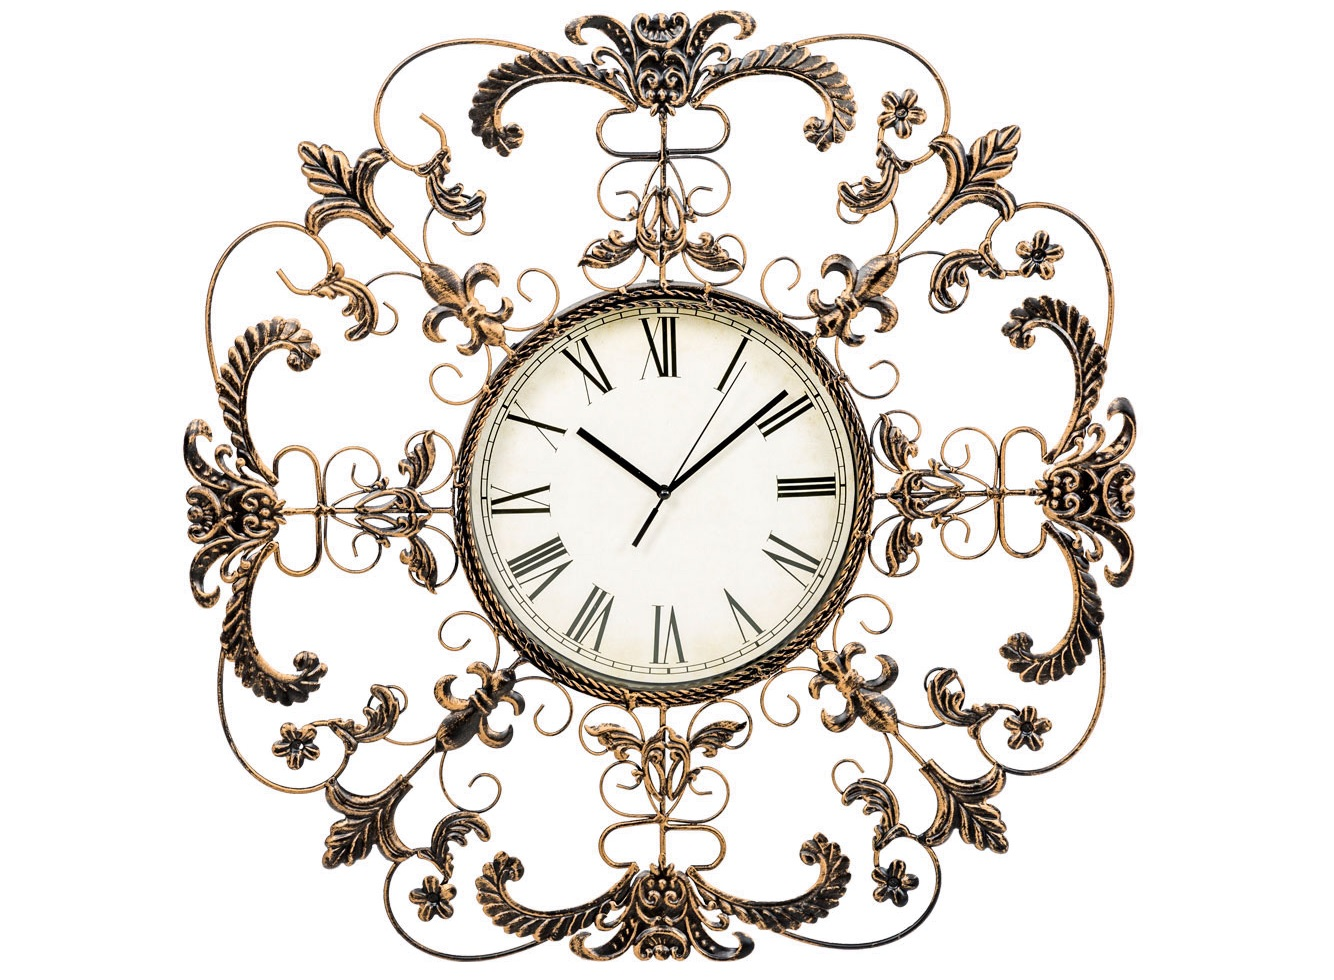 Настенные часы ЭвианНастенные часы<br>Часы &amp;quot;Эвиан&amp;quot; - щедрый дизайн, сочетающий практическую функцию часов с художественным потенциалом настенного панно. Дворцовый классицизм, предпочитающий растительные орнаменты, как правило, органичен любым интерьерным формулам. Дизайн, избравший прототипом природную форму цветка, обаятелен и романтичен. Рациональный размер адресует часы &amp;quot;Эвиан&amp;quot; большинству домашних помещений: гостиной, спальне, столовой, холлу, прихожей, детской комнате.&amp;lt;div&amp;gt;&amp;lt;br&amp;gt;&amp;lt;/div&amp;gt;&amp;lt;div&amp;gt;&amp;lt;div&amp;gt;Тип батарейки: LR14 C 1,5 В.&amp;lt;/div&amp;gt;&amp;lt;div&amp;gt;Необходимое количество батареек: 1 шт.&amp;lt;br&amp;gt;&amp;lt;/div&amp;gt;&amp;lt;div&amp;gt;Батарейка в комплект не входит.&amp;lt;/div&amp;gt;&amp;lt;/div&amp;gt;&amp;lt;div&amp;gt;&amp;lt;br&amp;gt;&amp;lt;/div&amp;gt;&amp;lt;iframe width=&amp;quot;530&amp;quot; height=&amp;quot;315&amp;quot; src=&amp;quot;https://www.youtube.com/embed/D-TrjvOJcG4&amp;quot; frameborder=&amp;quot;0&amp;quot; allowfullscreen=&amp;quot;&amp;quot;&amp;gt;&amp;lt;/iframe&amp;gt;<br><br>Material: Металл<br>Width см: 60<br>Depth см: 3<br>Height см: 60